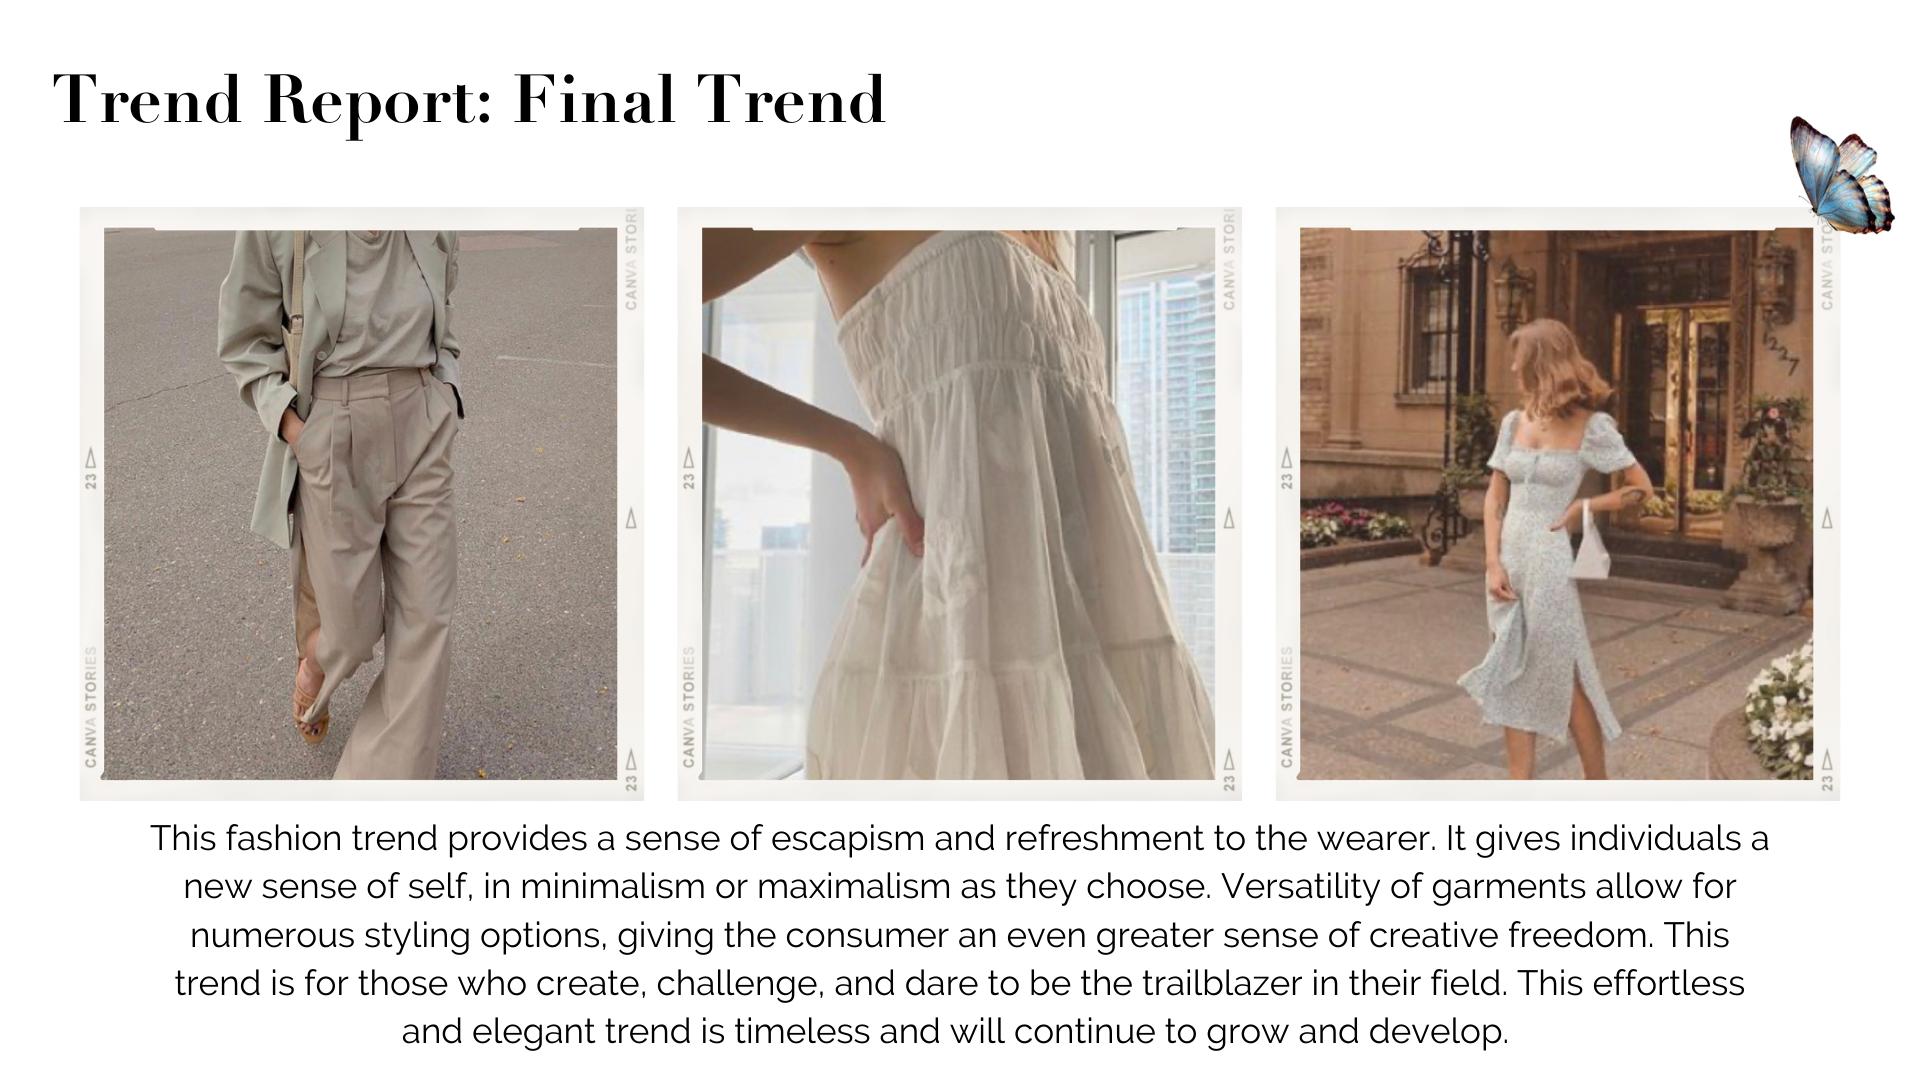 Trend Report: Final Trend